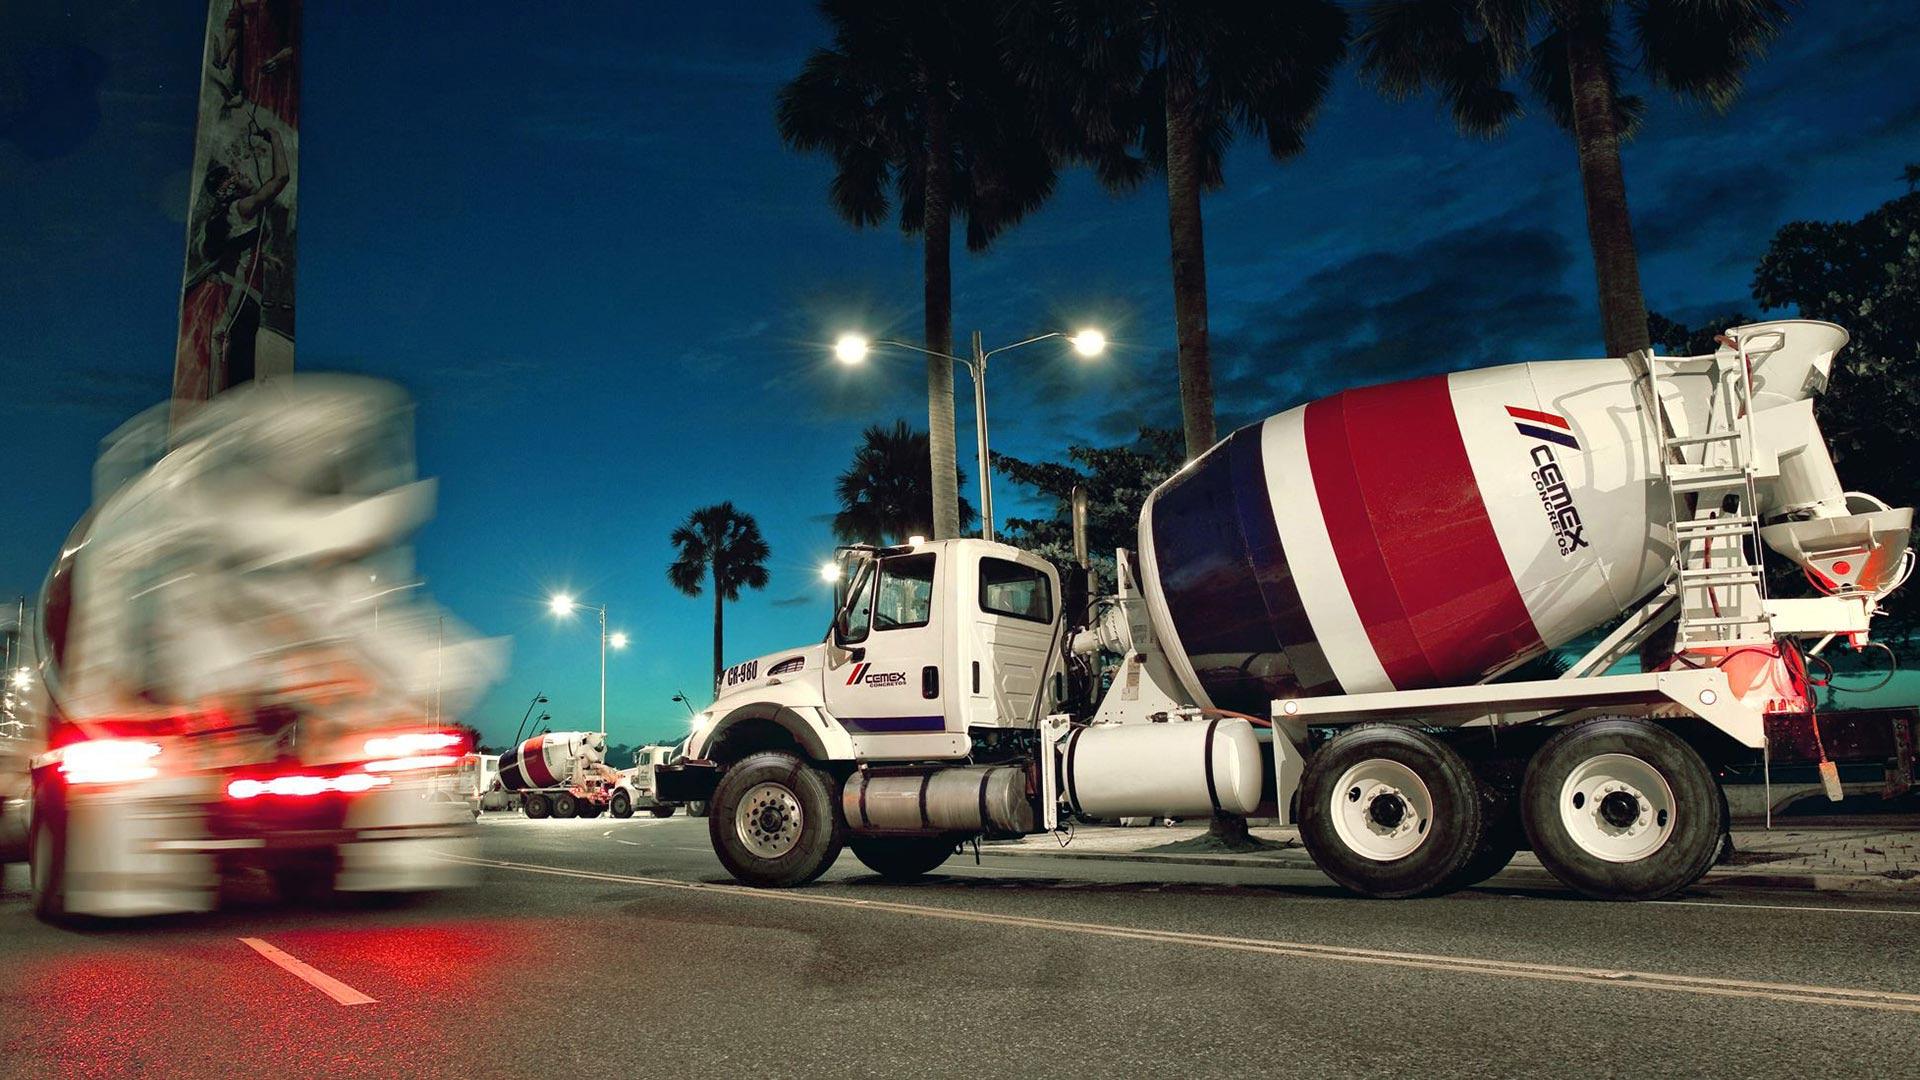 Cemex cement trucks.